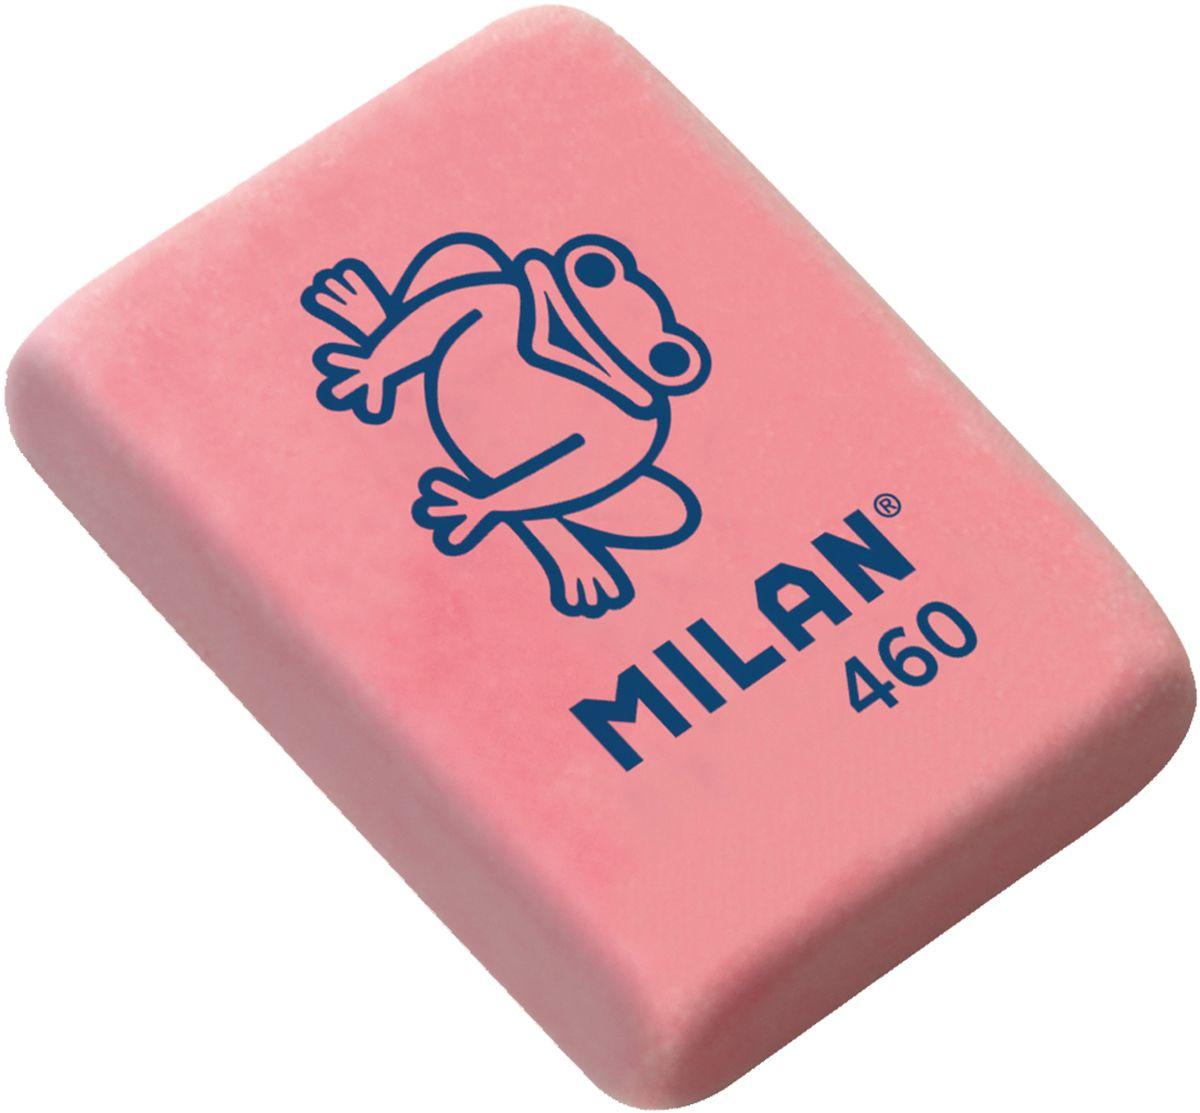 Milan Ластик 460 цвет красныйCNM460Ластик Milan с плотной структурой для эффективного стирания карандашей различной твердости. Ластик обеспечивает высокое качество коррекции и не повреждает поверхность бумаги.Уважаемые клиенты!Обращаем ваше внимание на возможные изменения в рисунка на штампе стерки. Поставка осуществляется в зависимости от наличия на складе.